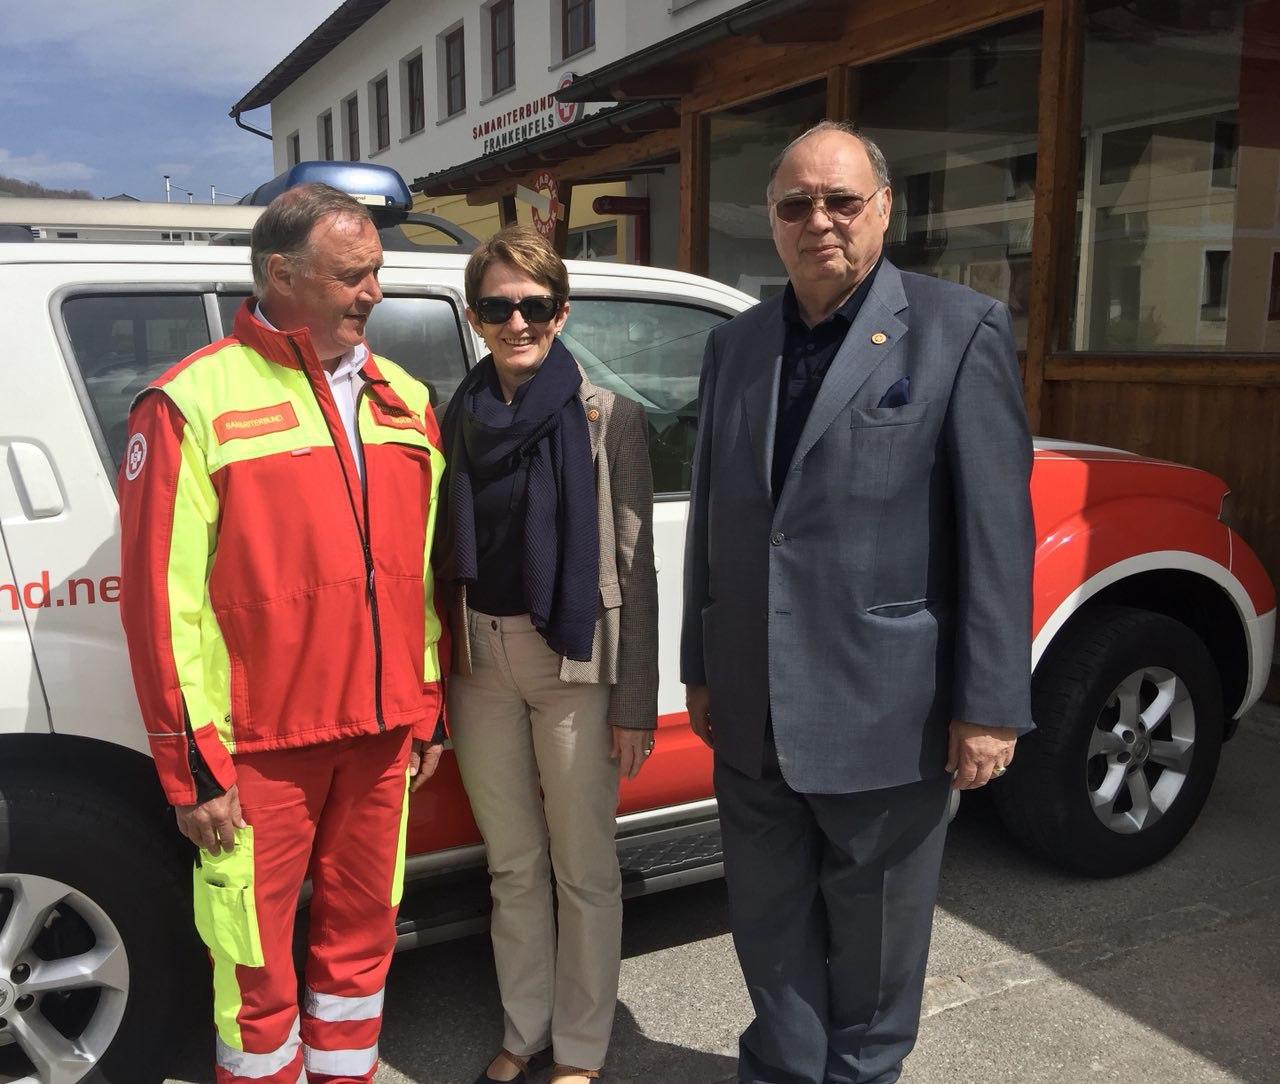 Otto Pendl & Ruth Gabriel vom LV NÖ zu Gast in Frankenfels.